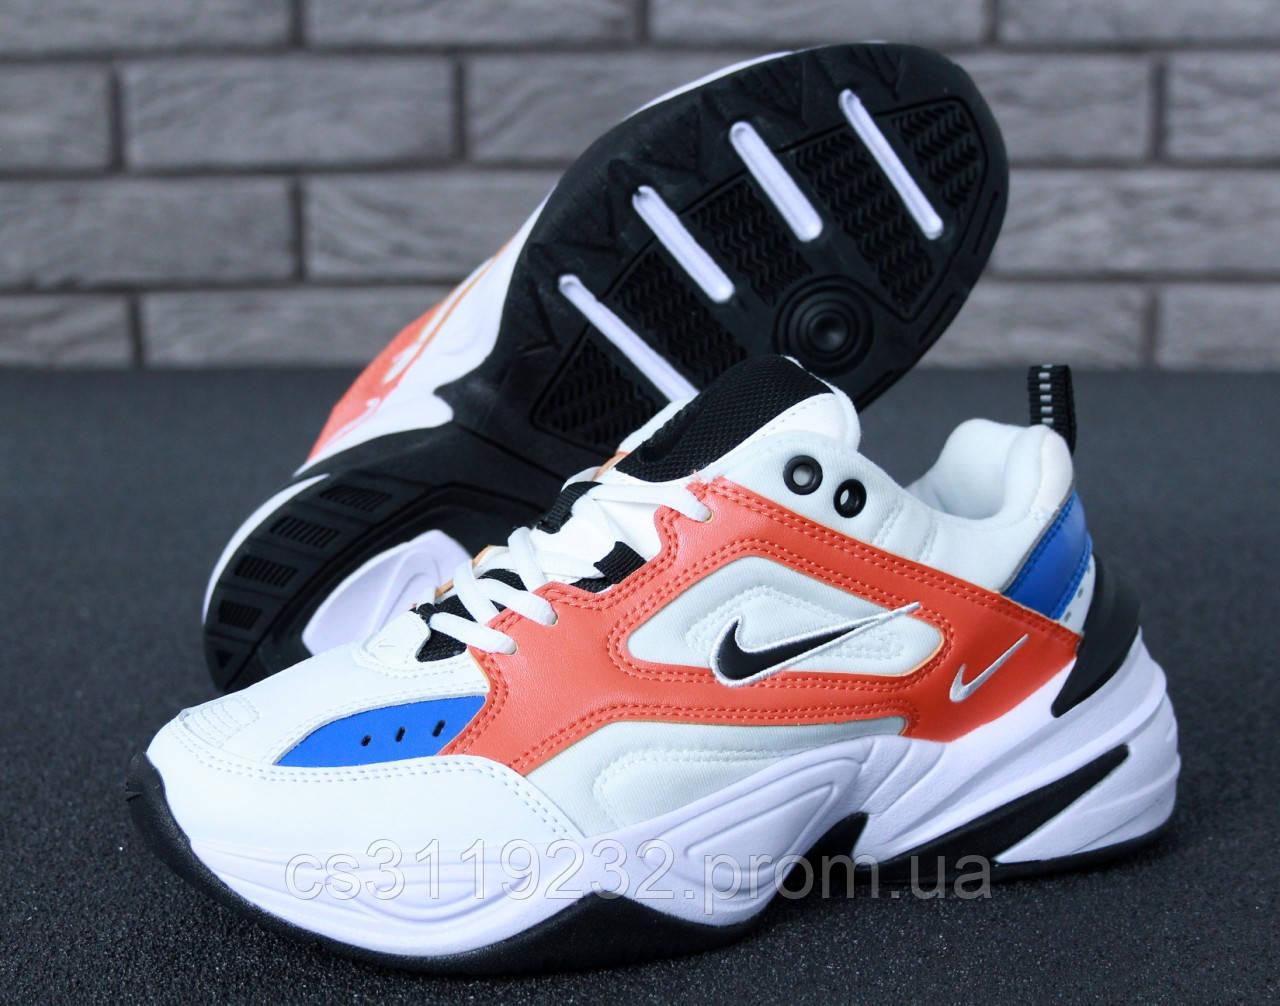 Мужские кроссовки Nike M2K Tekno (многоцветные)